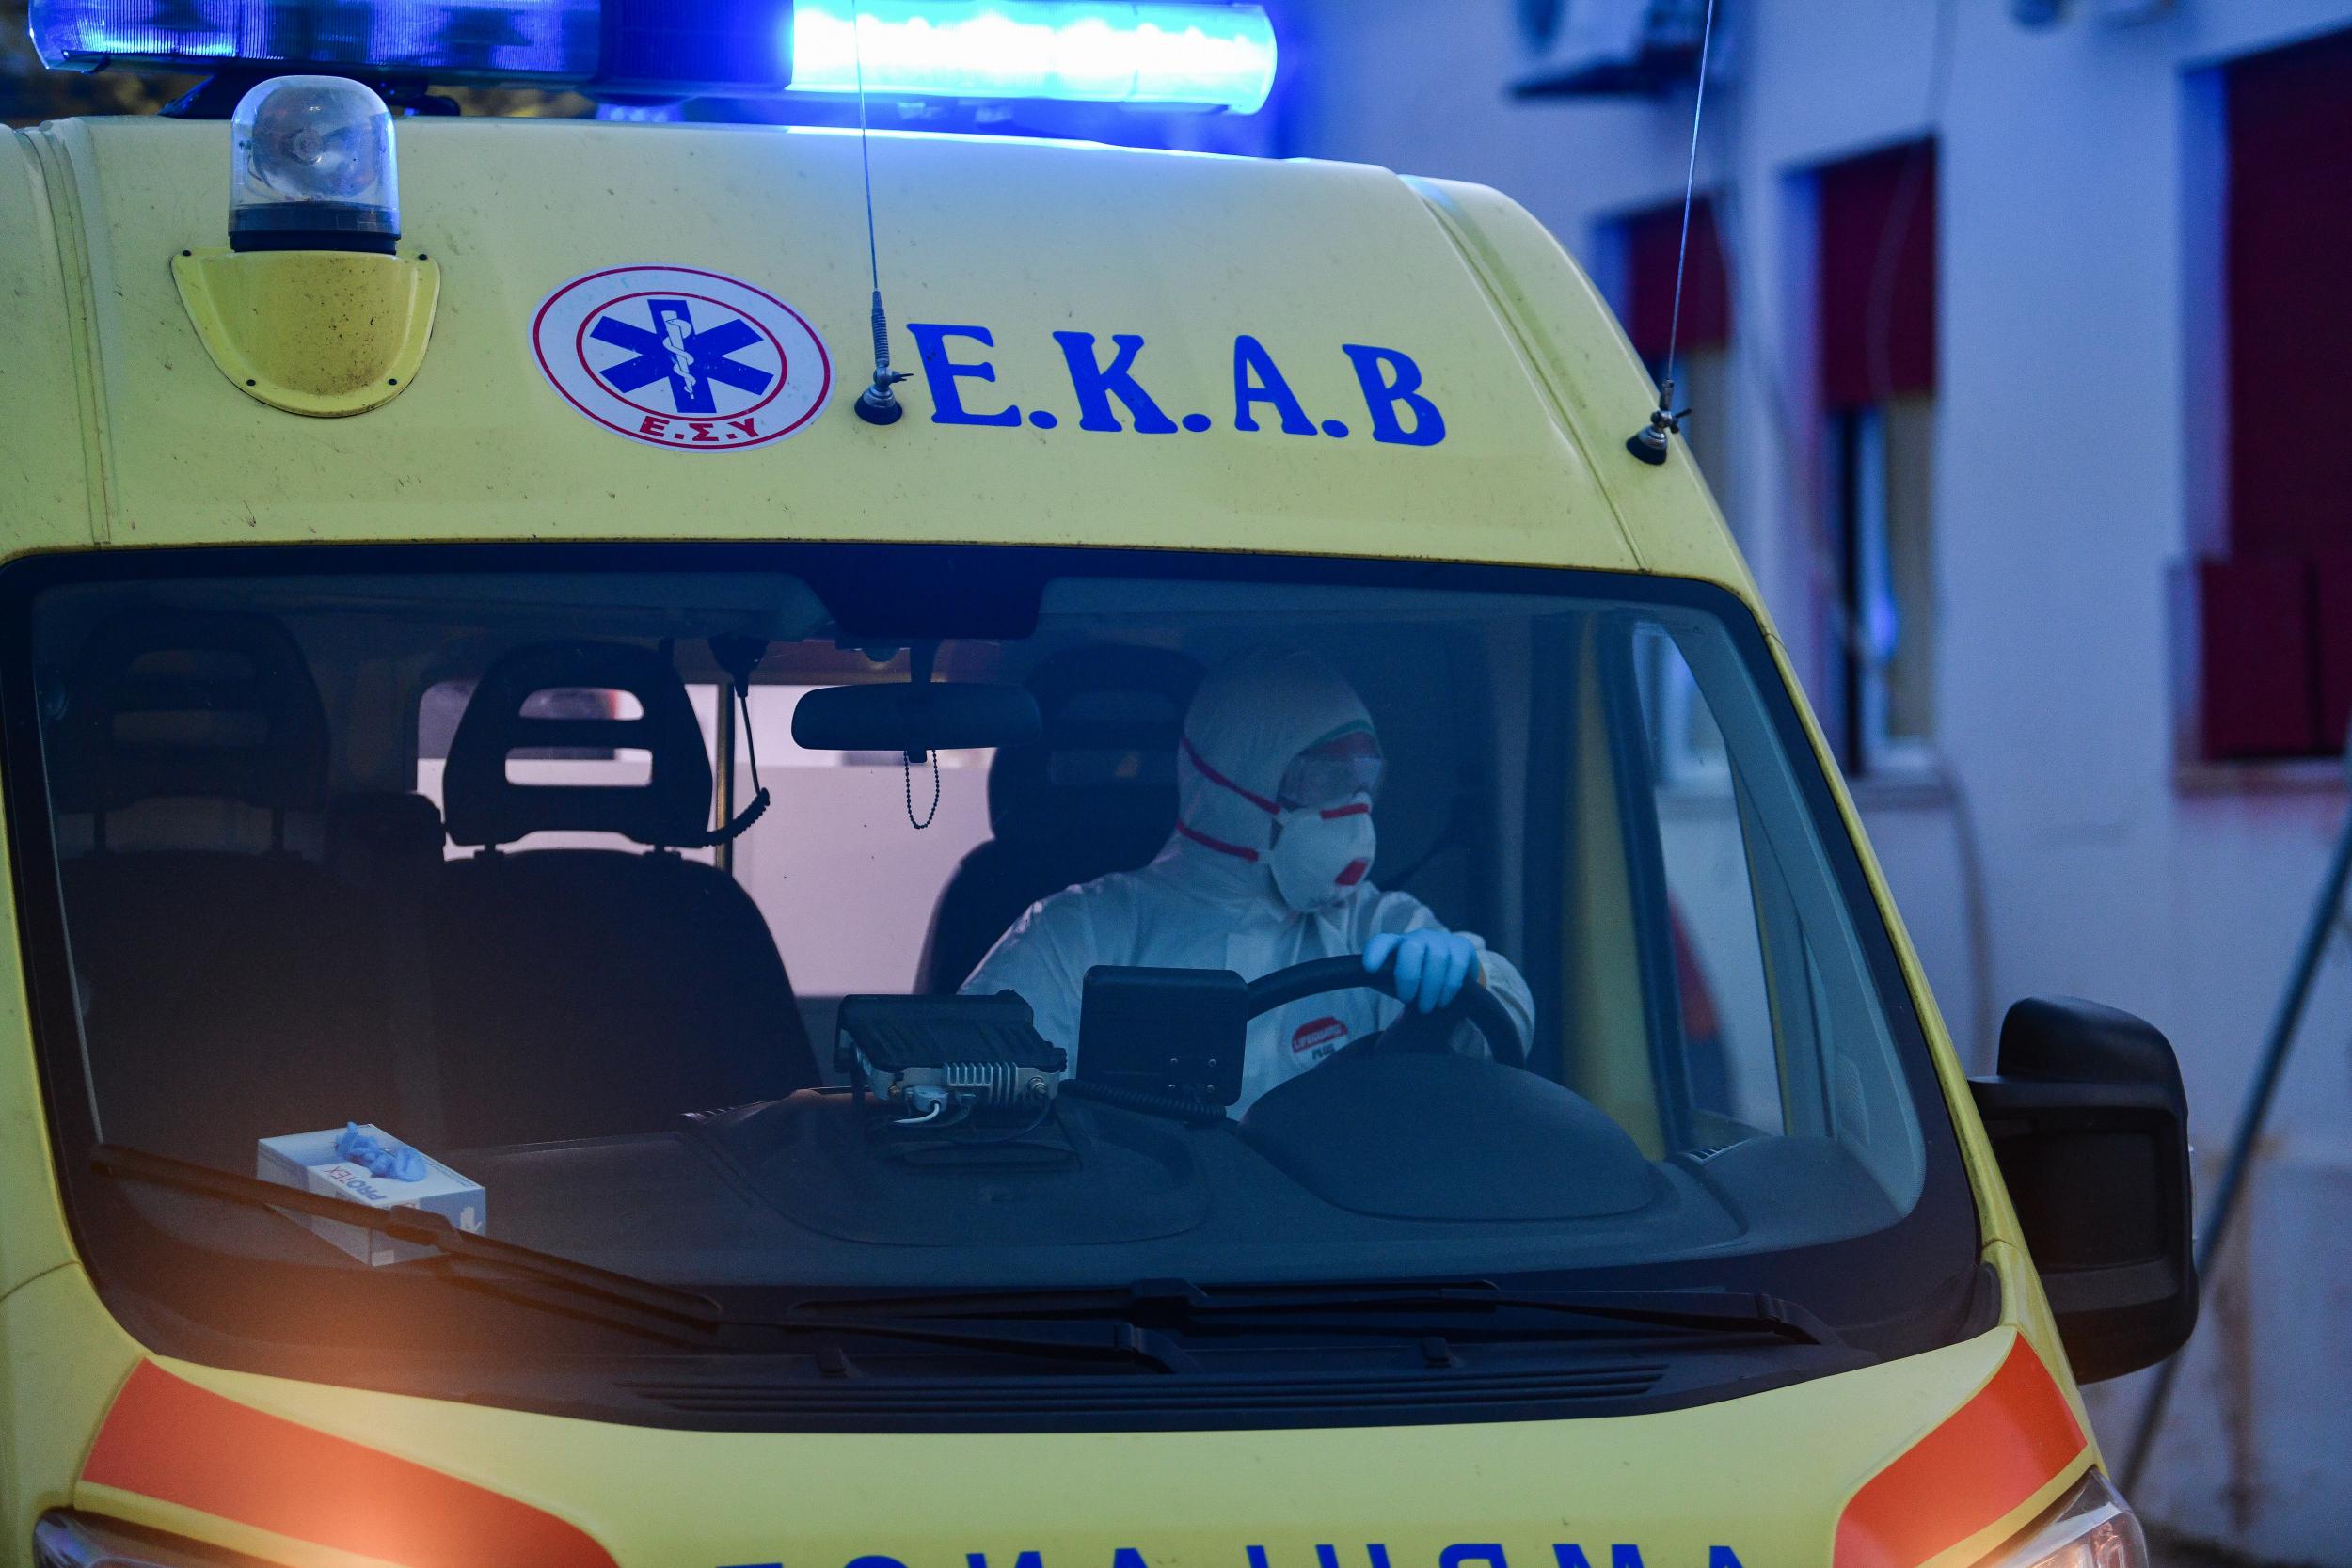 Κύμη Ευβοίας: Τροχαίο ατύχημα στο λιμάνι